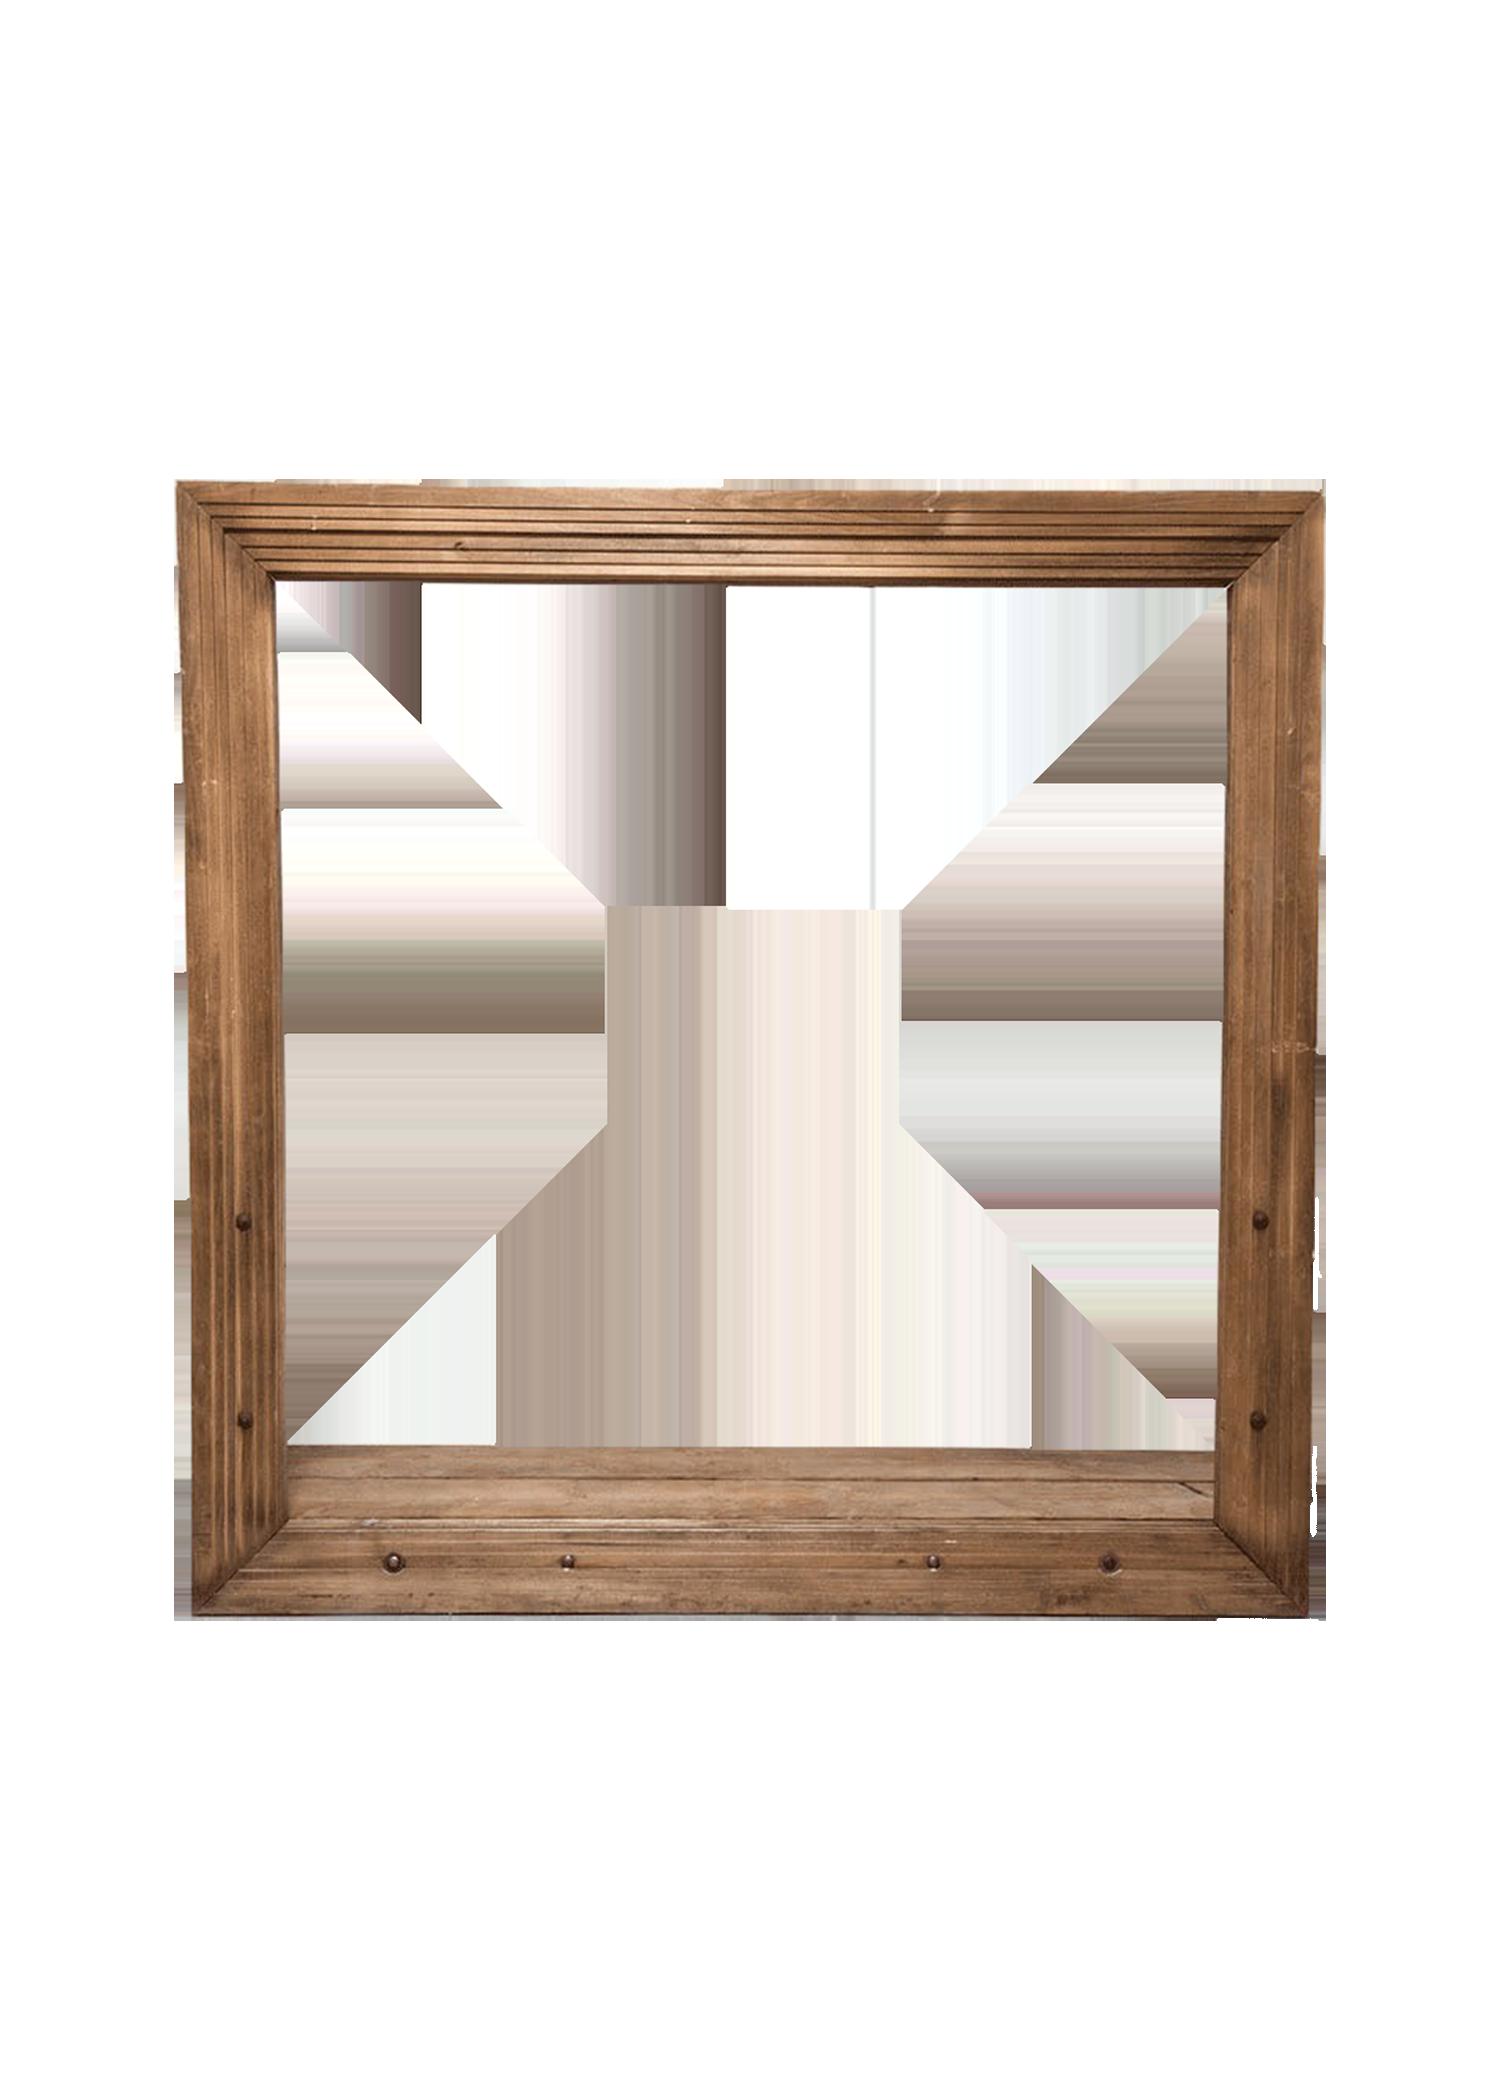 $350 The Frame